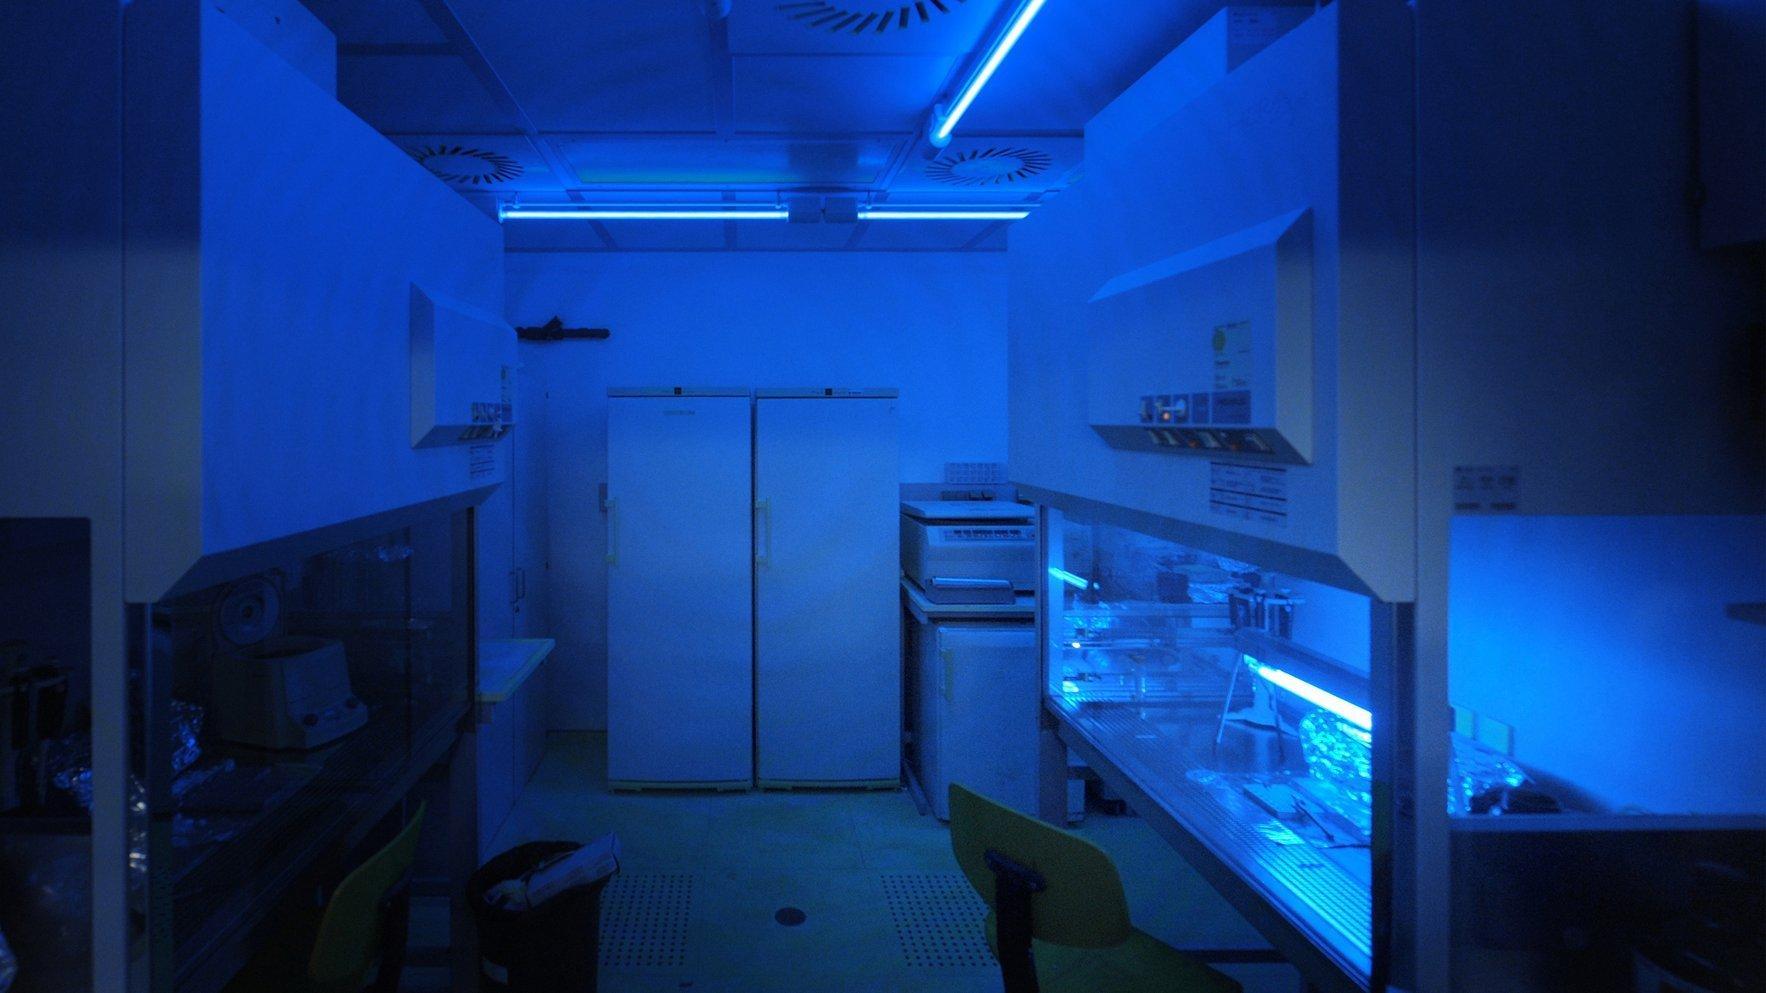 In geheimnisvollen Blautönen strahlt das Labor im Max-Planck-Institut für evolutionäre Anthropologie in Leipzig. Hier können Forscher das Erbgut der Jahrtausende alten Knochen von Urmenschen analysieren.